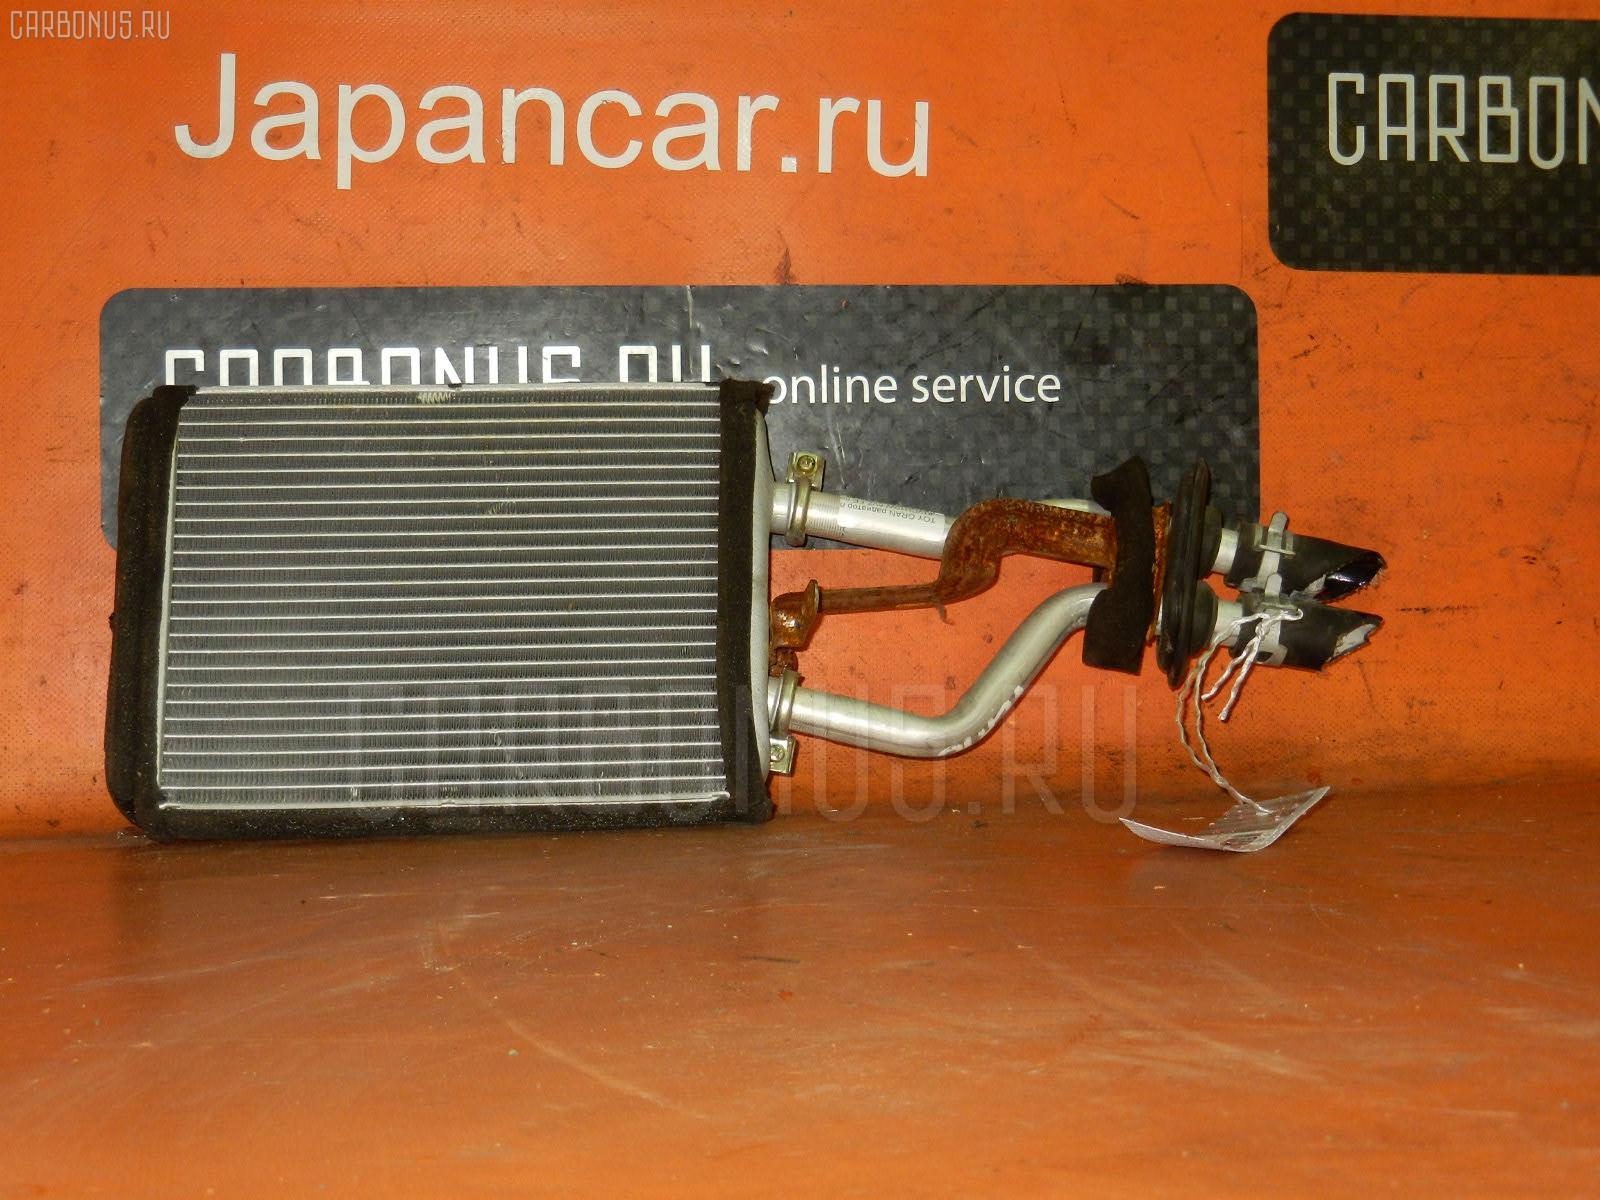 Радиатор печки TOYOTA GRAND HIACE VCH10W 5VZ-FE Фото 1